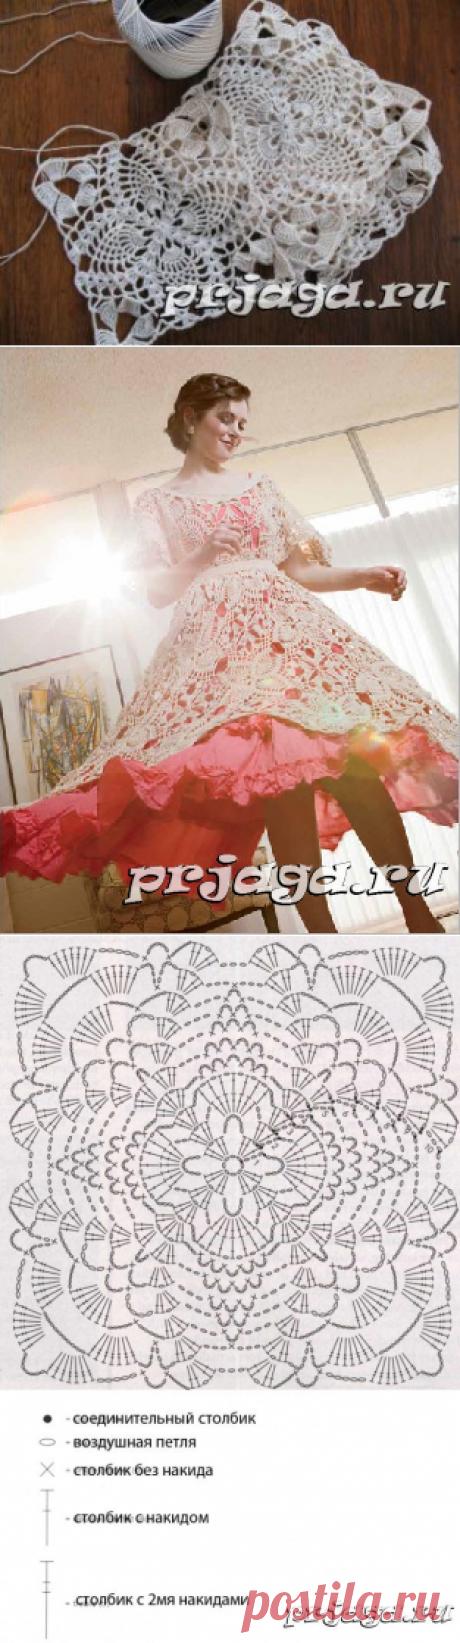 Волшебное платье крючком